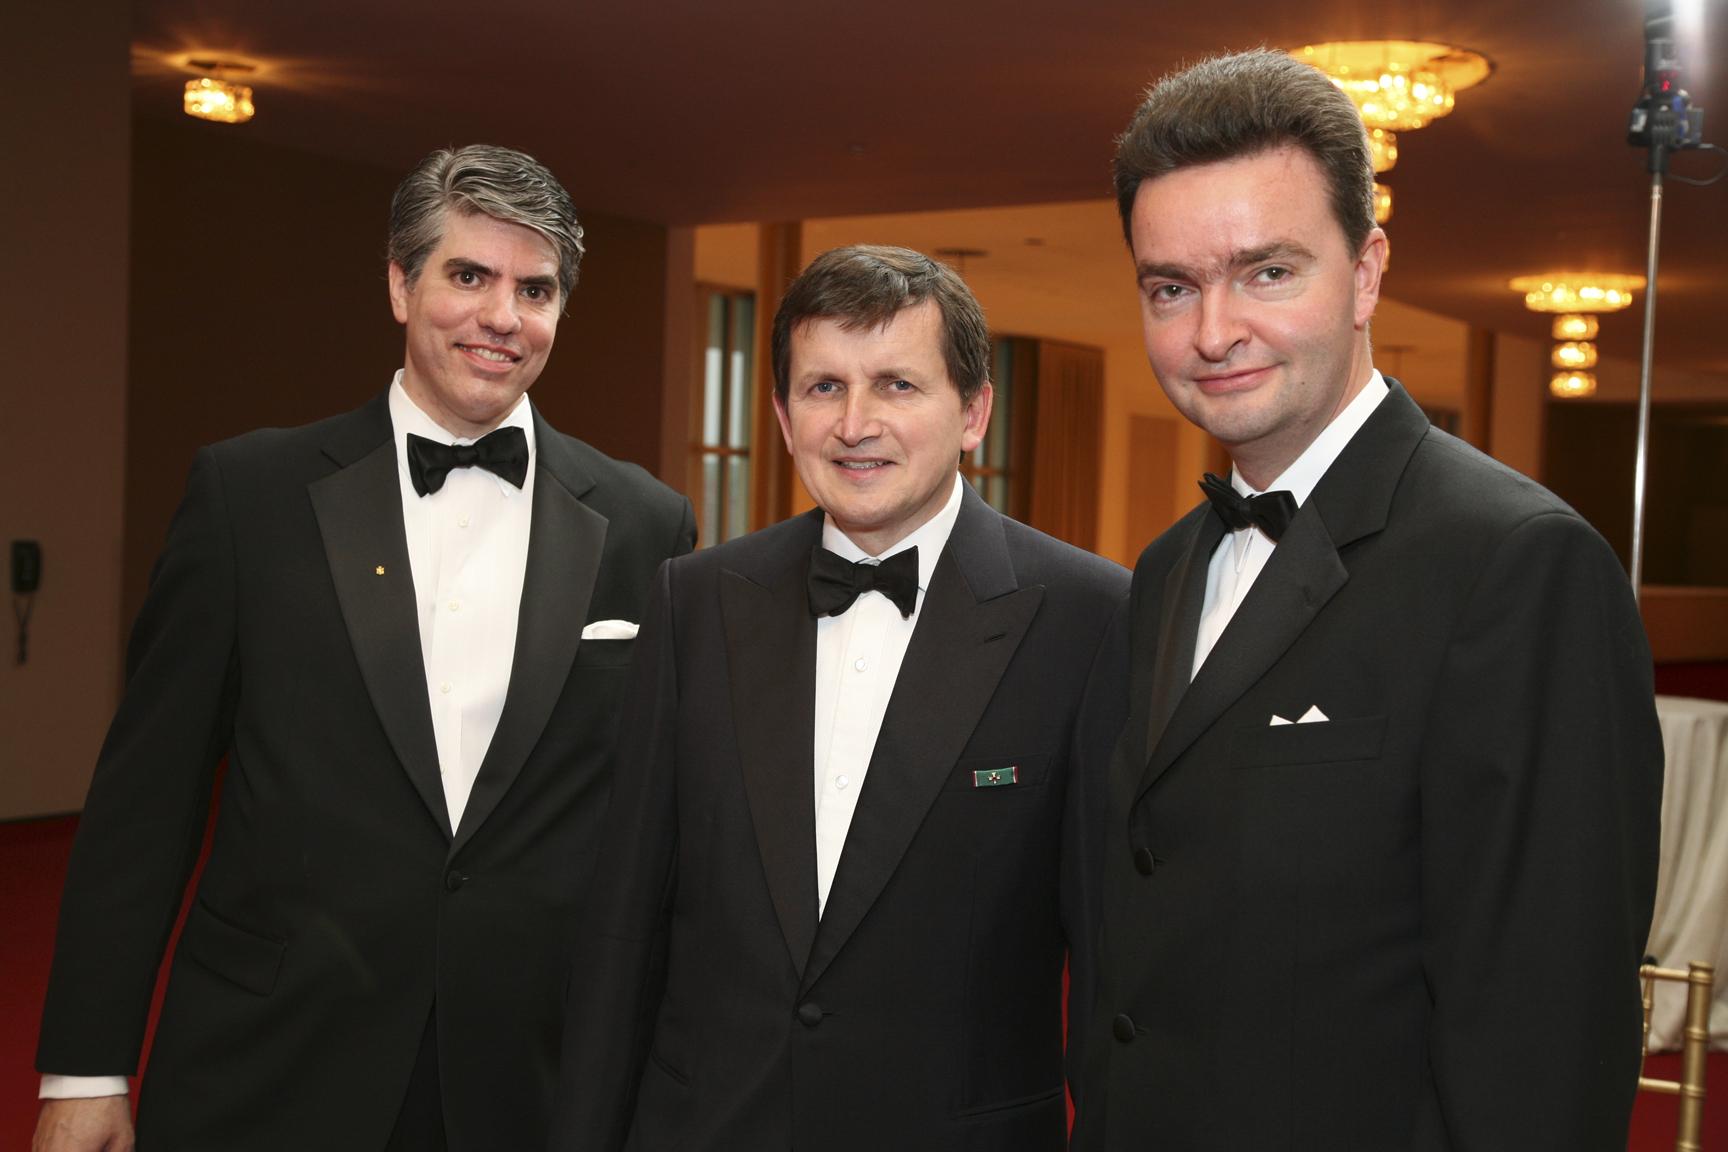 2006_Dr. Charles Simonyi_2